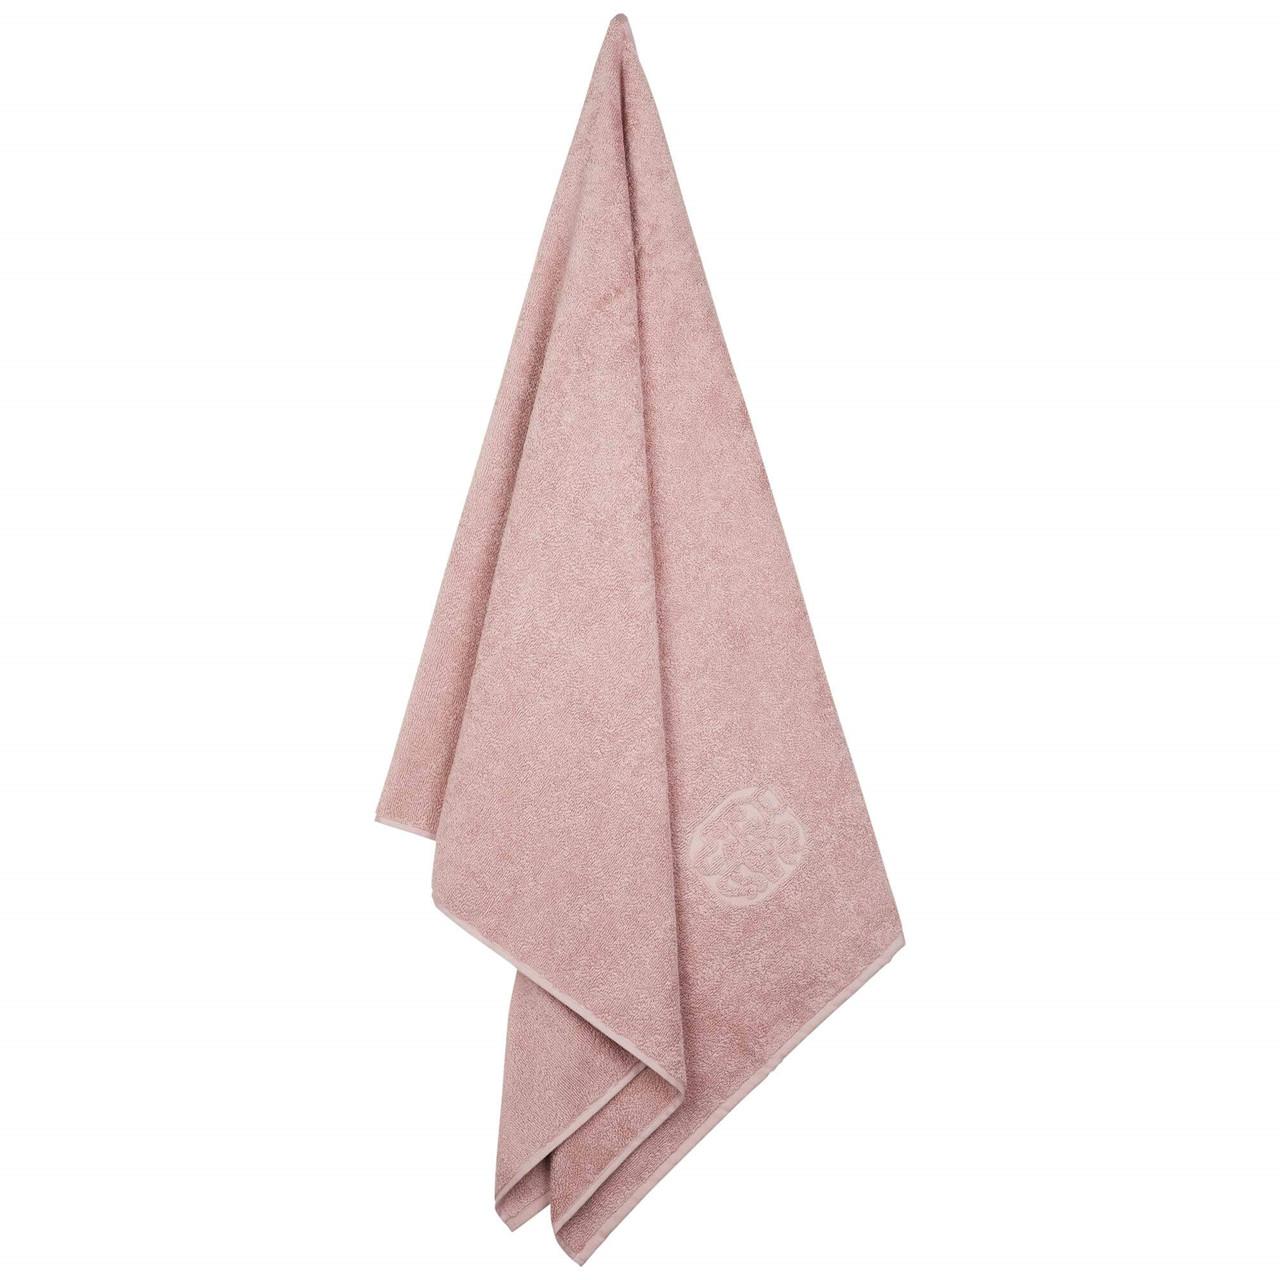 Badehåndklæder Dusty Rose